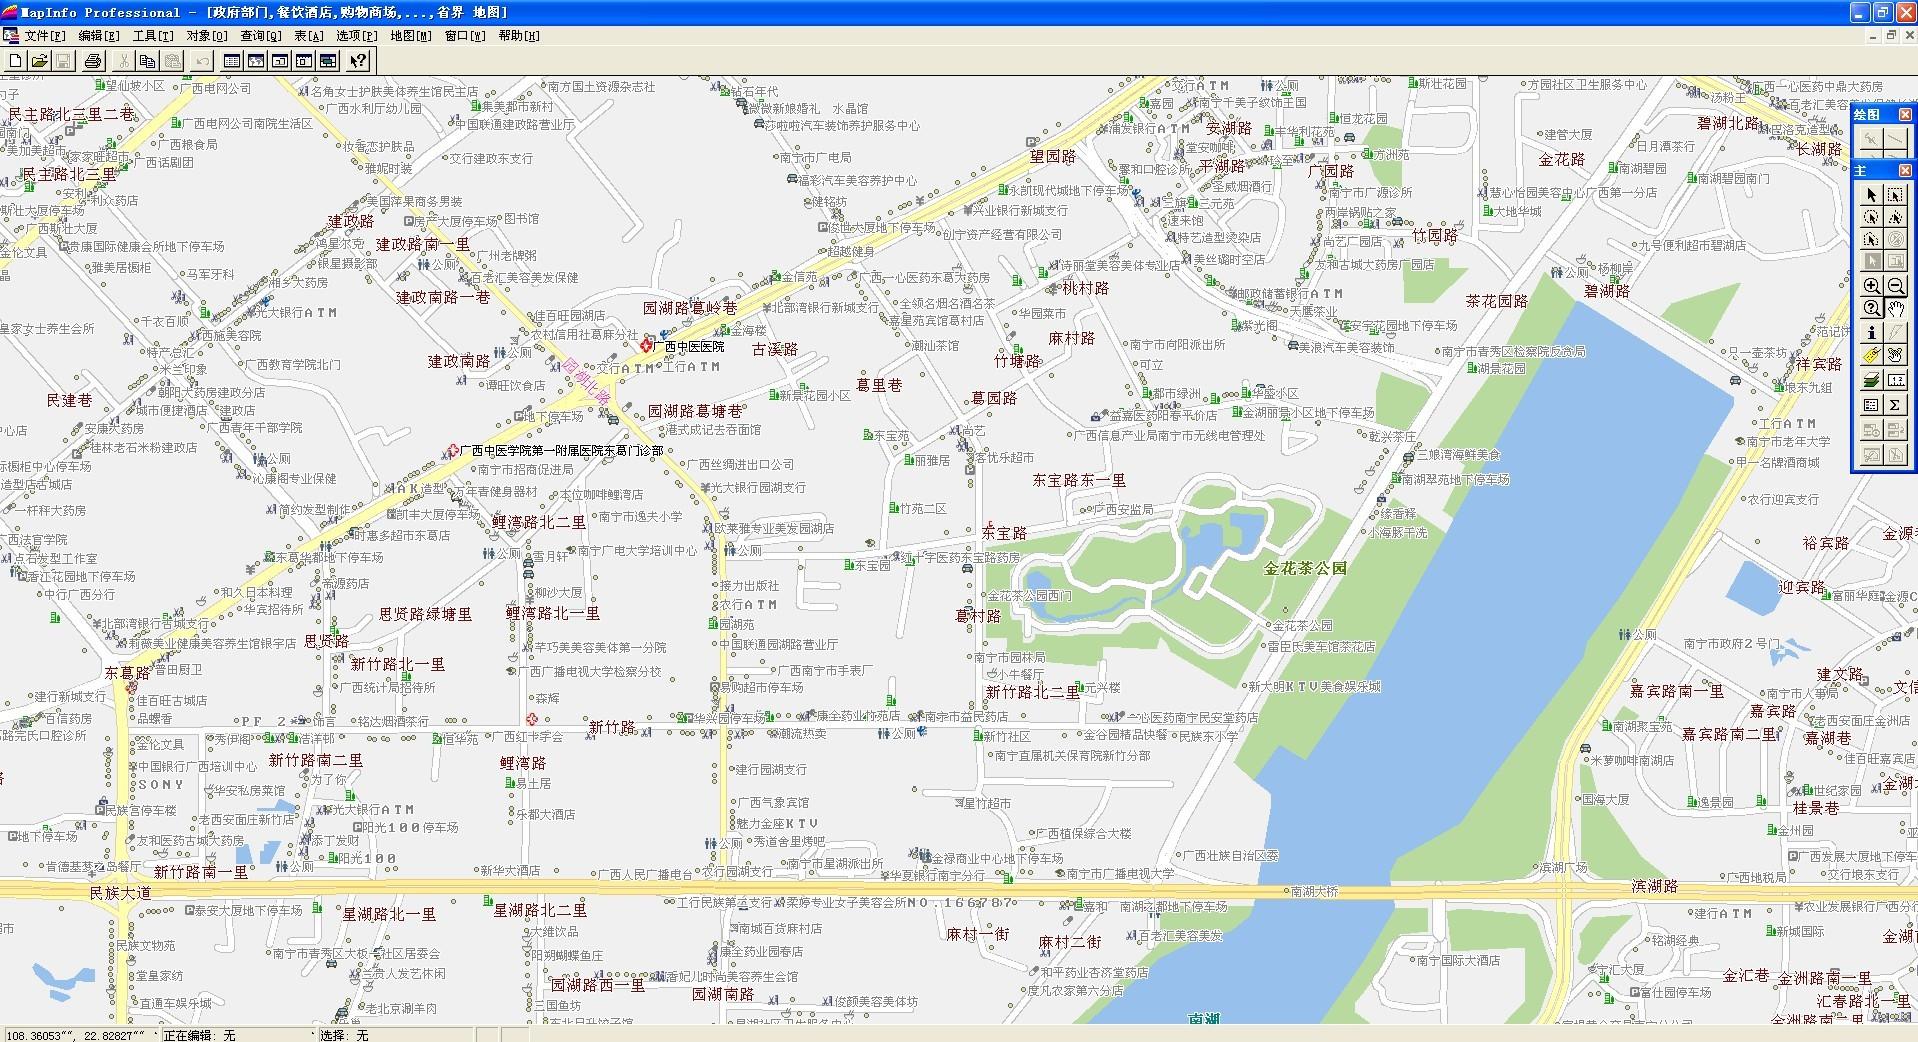 2011年南宁市mapinfo格式电子地图